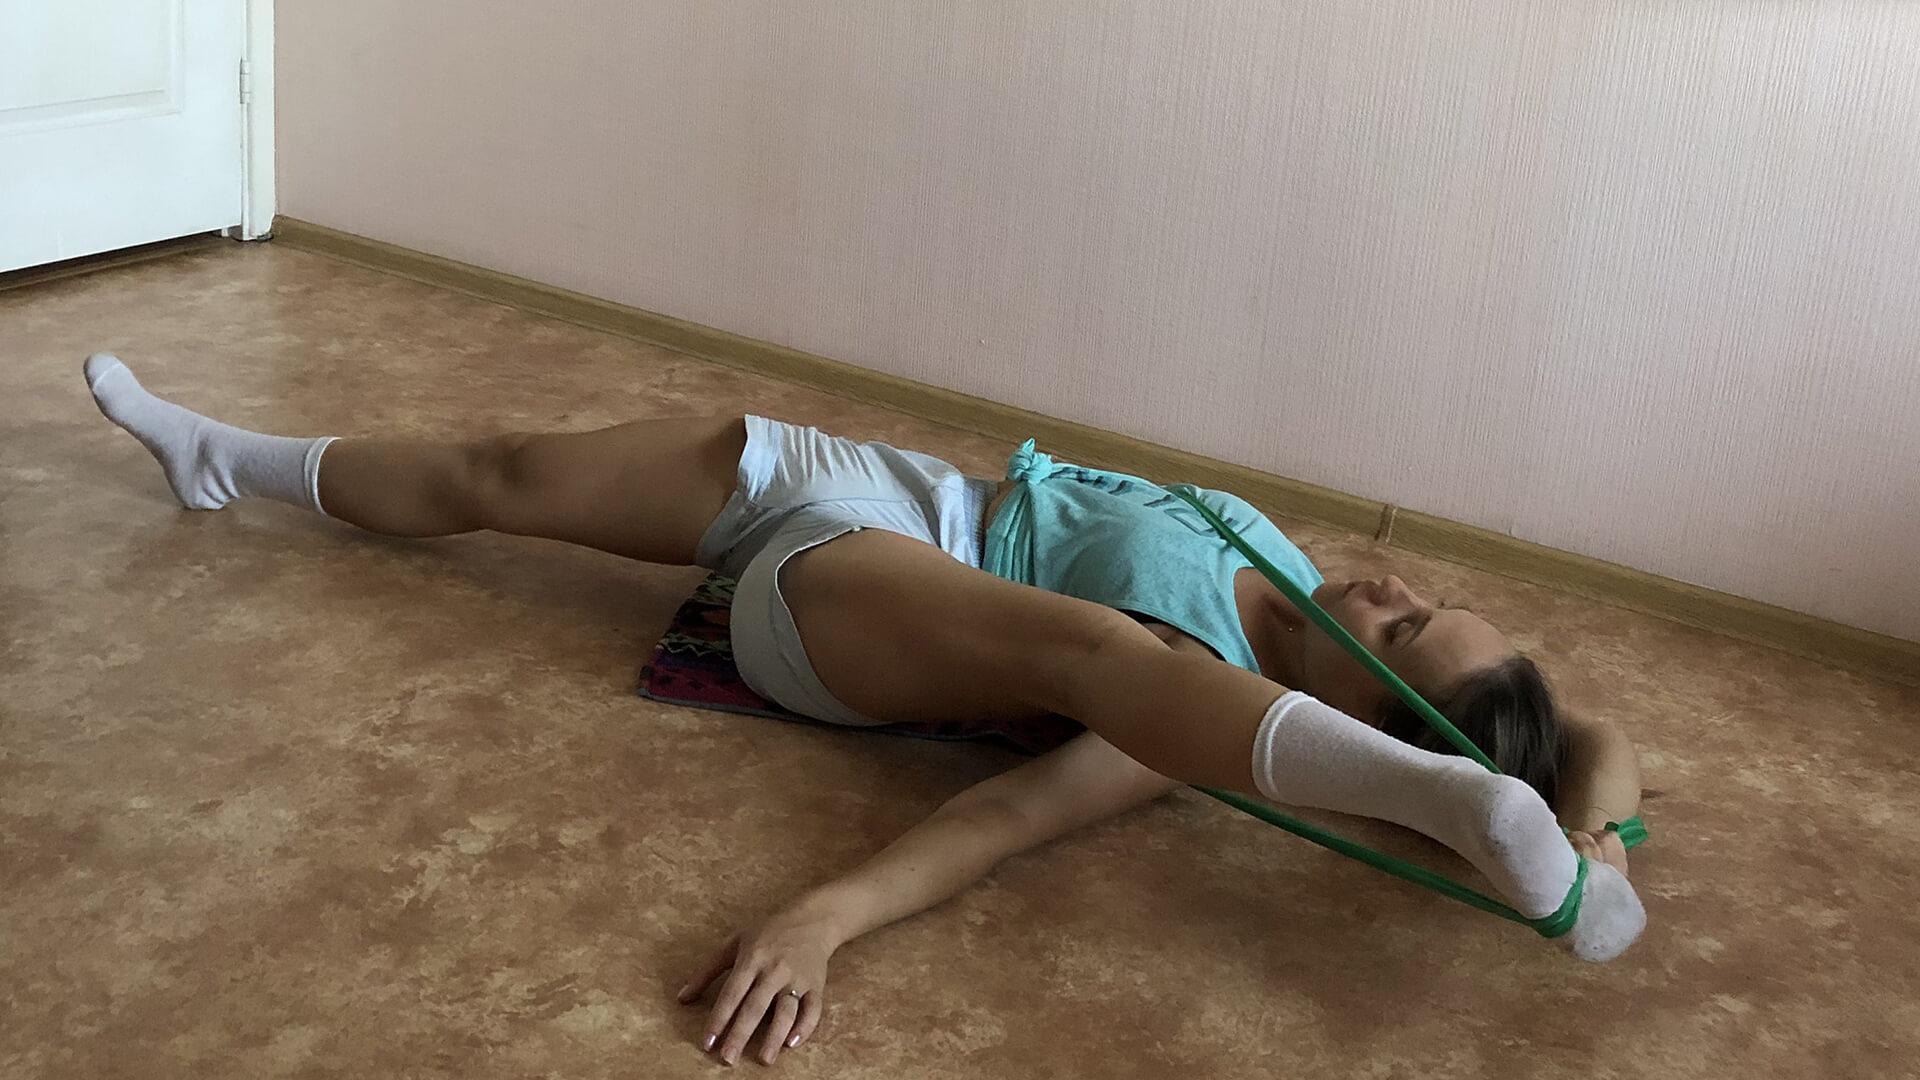 Усиленная растяжка мышц ног лежа с резинкой: фото.